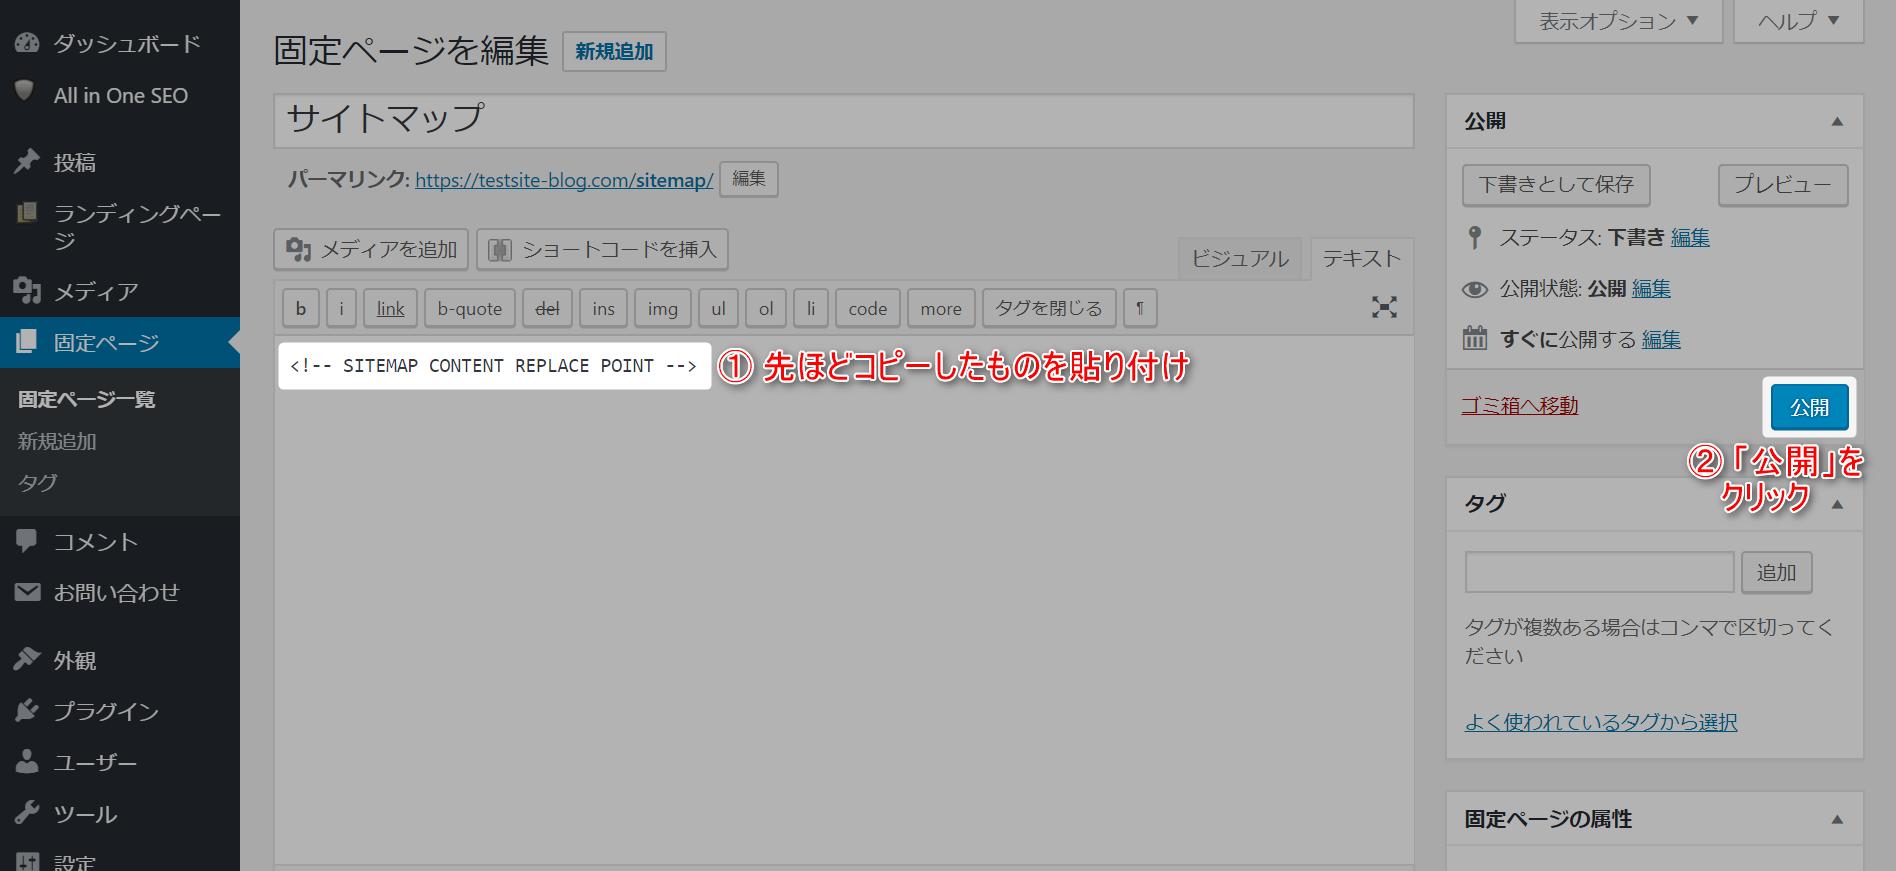 サイトマップのソースを貼り付け